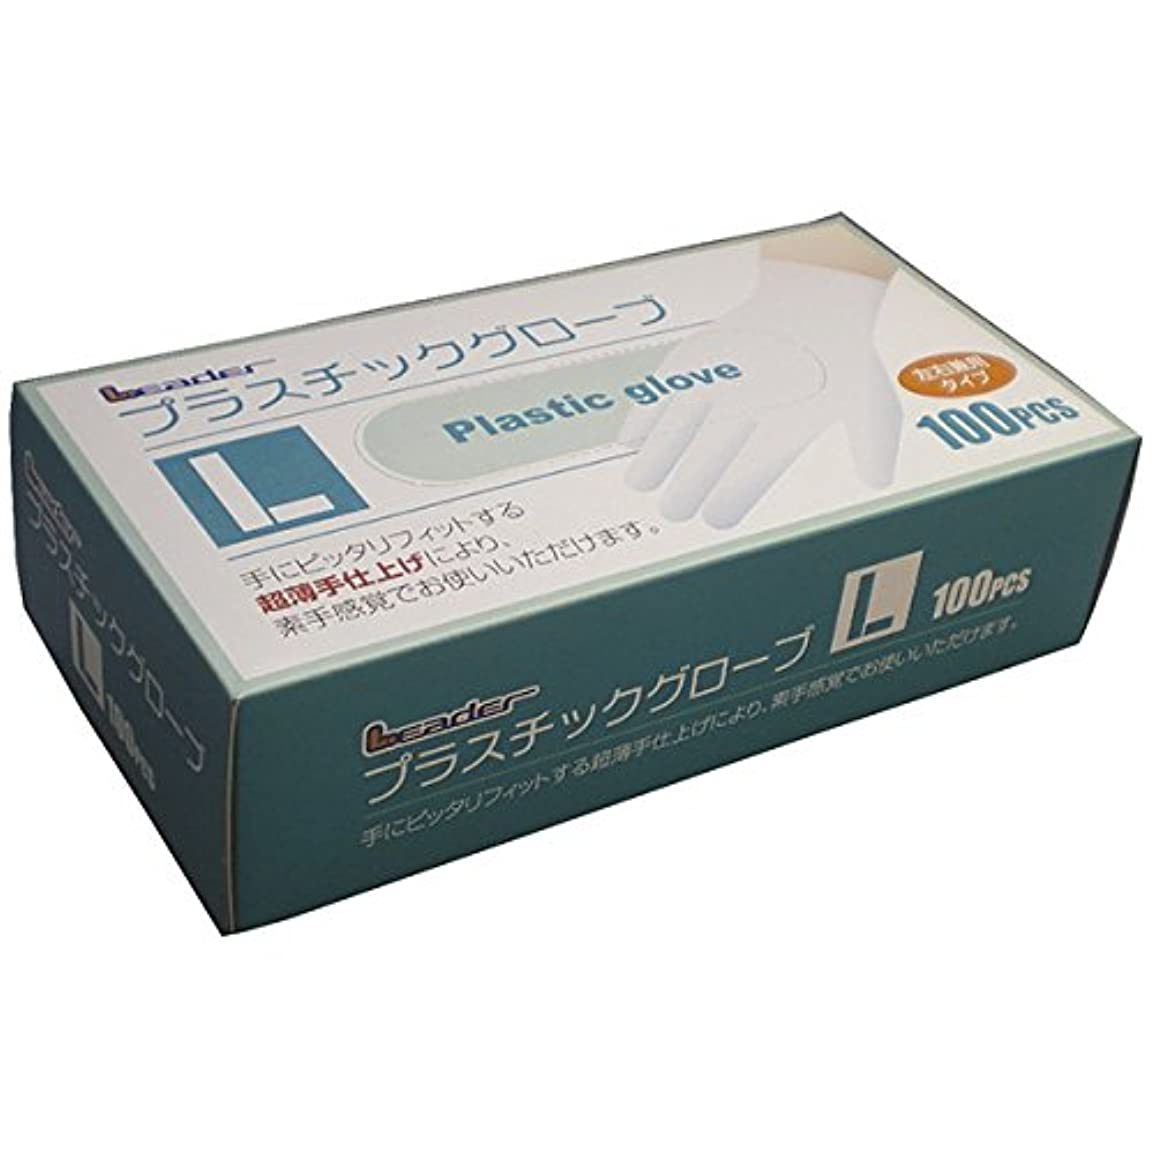 保守可能数字女の子日進医療器株式会社:LEプラスチックグローブLサイズ100P 10個入 784493